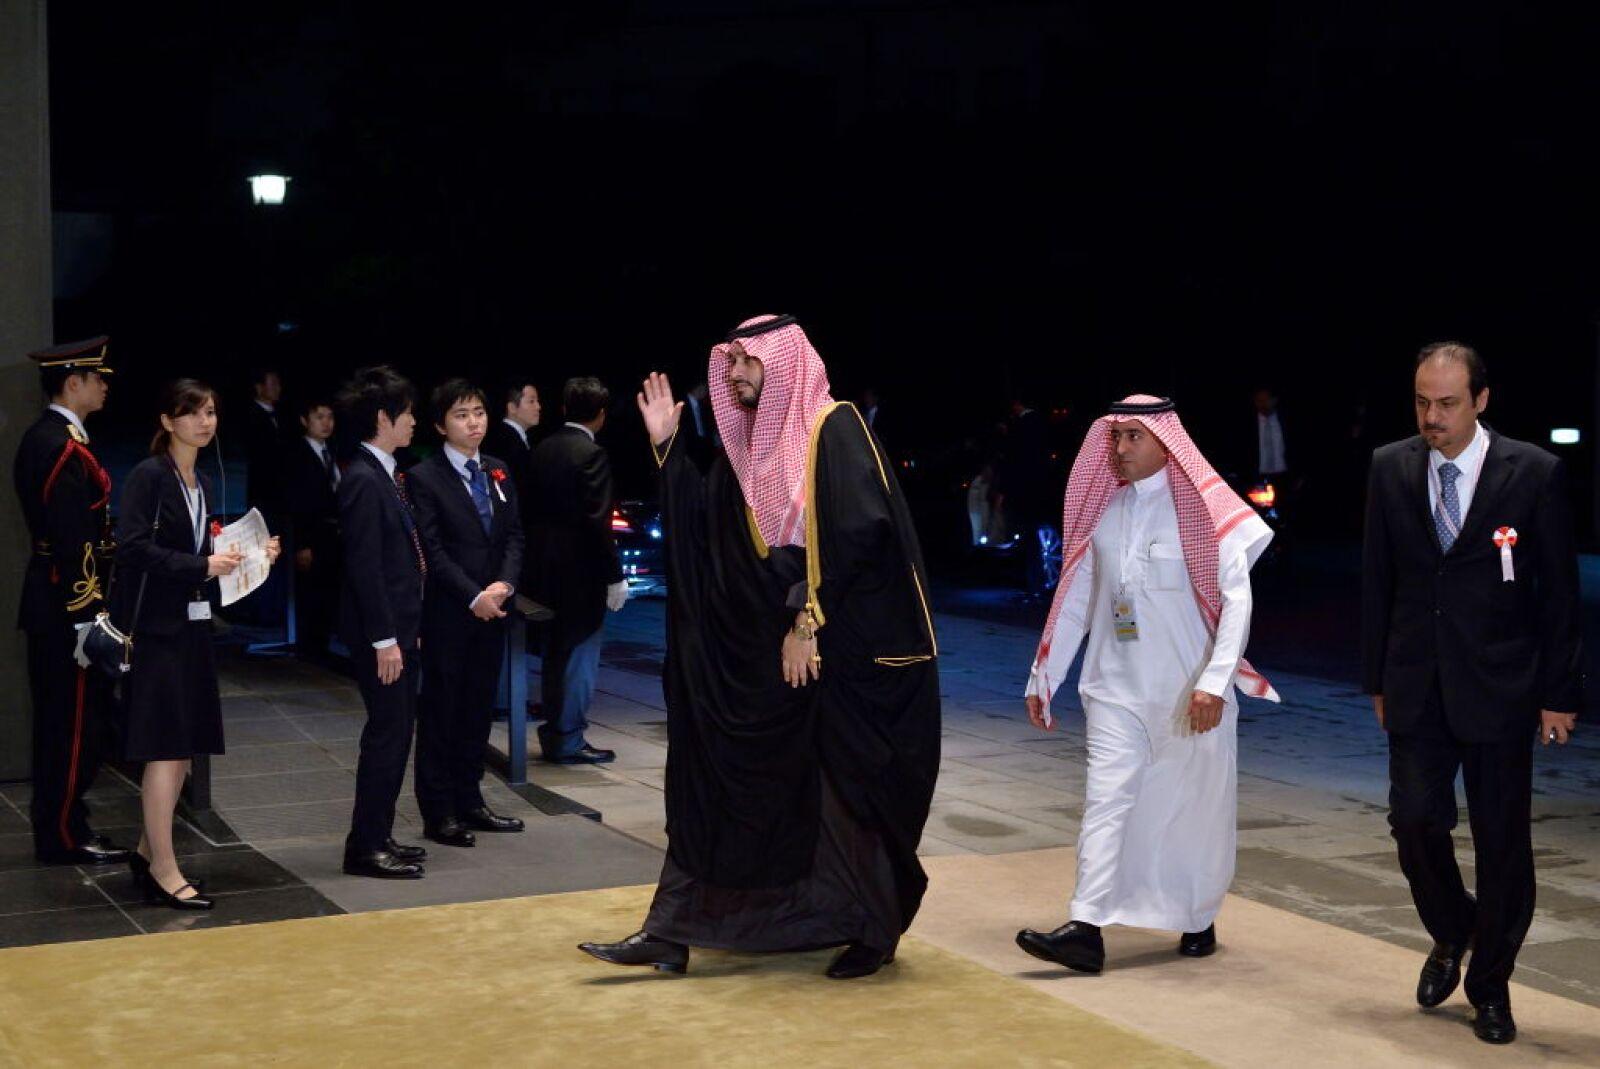 Príncipe Turki bin Mohamed bin Fahd bin Abdulaziz Al Saud de Arabia Saudita